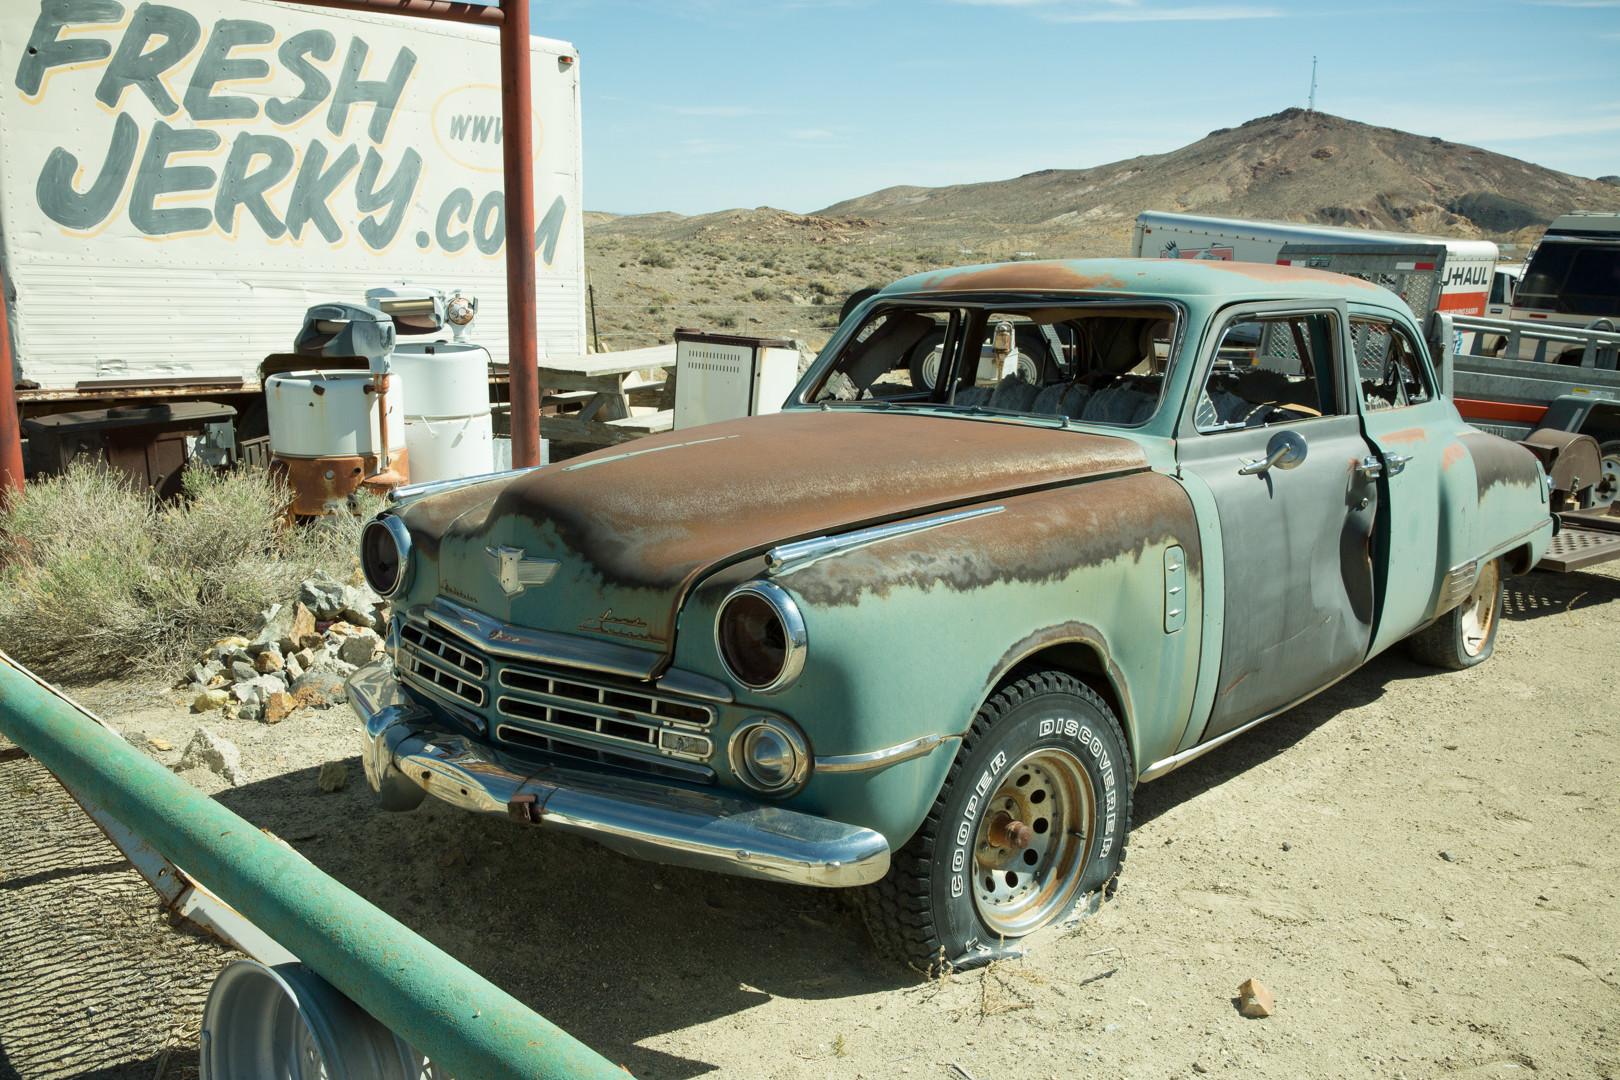 простонародье известные, американские свалки авто фото найдётся кто-то, кто